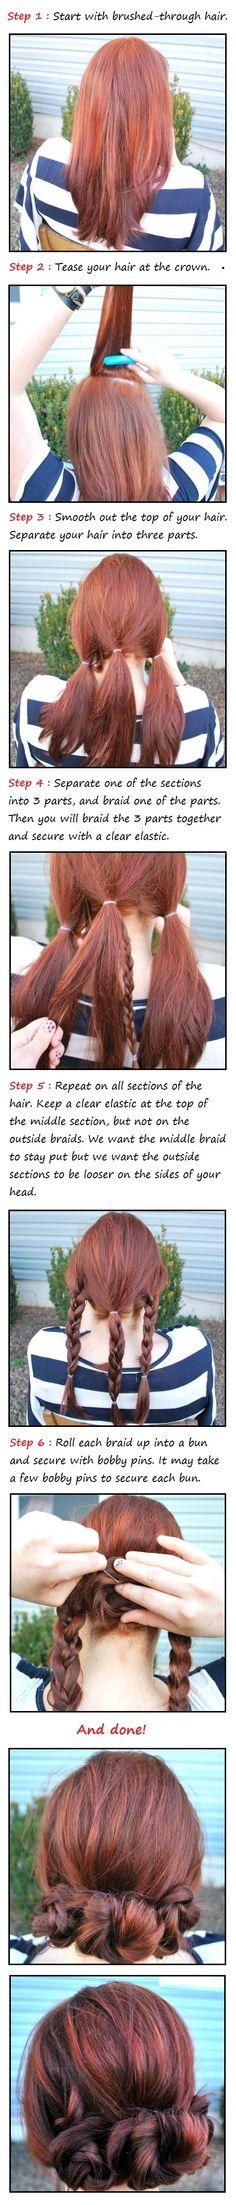 beauty tutorials, hair colors, hair tutorials, long hair, braid bun